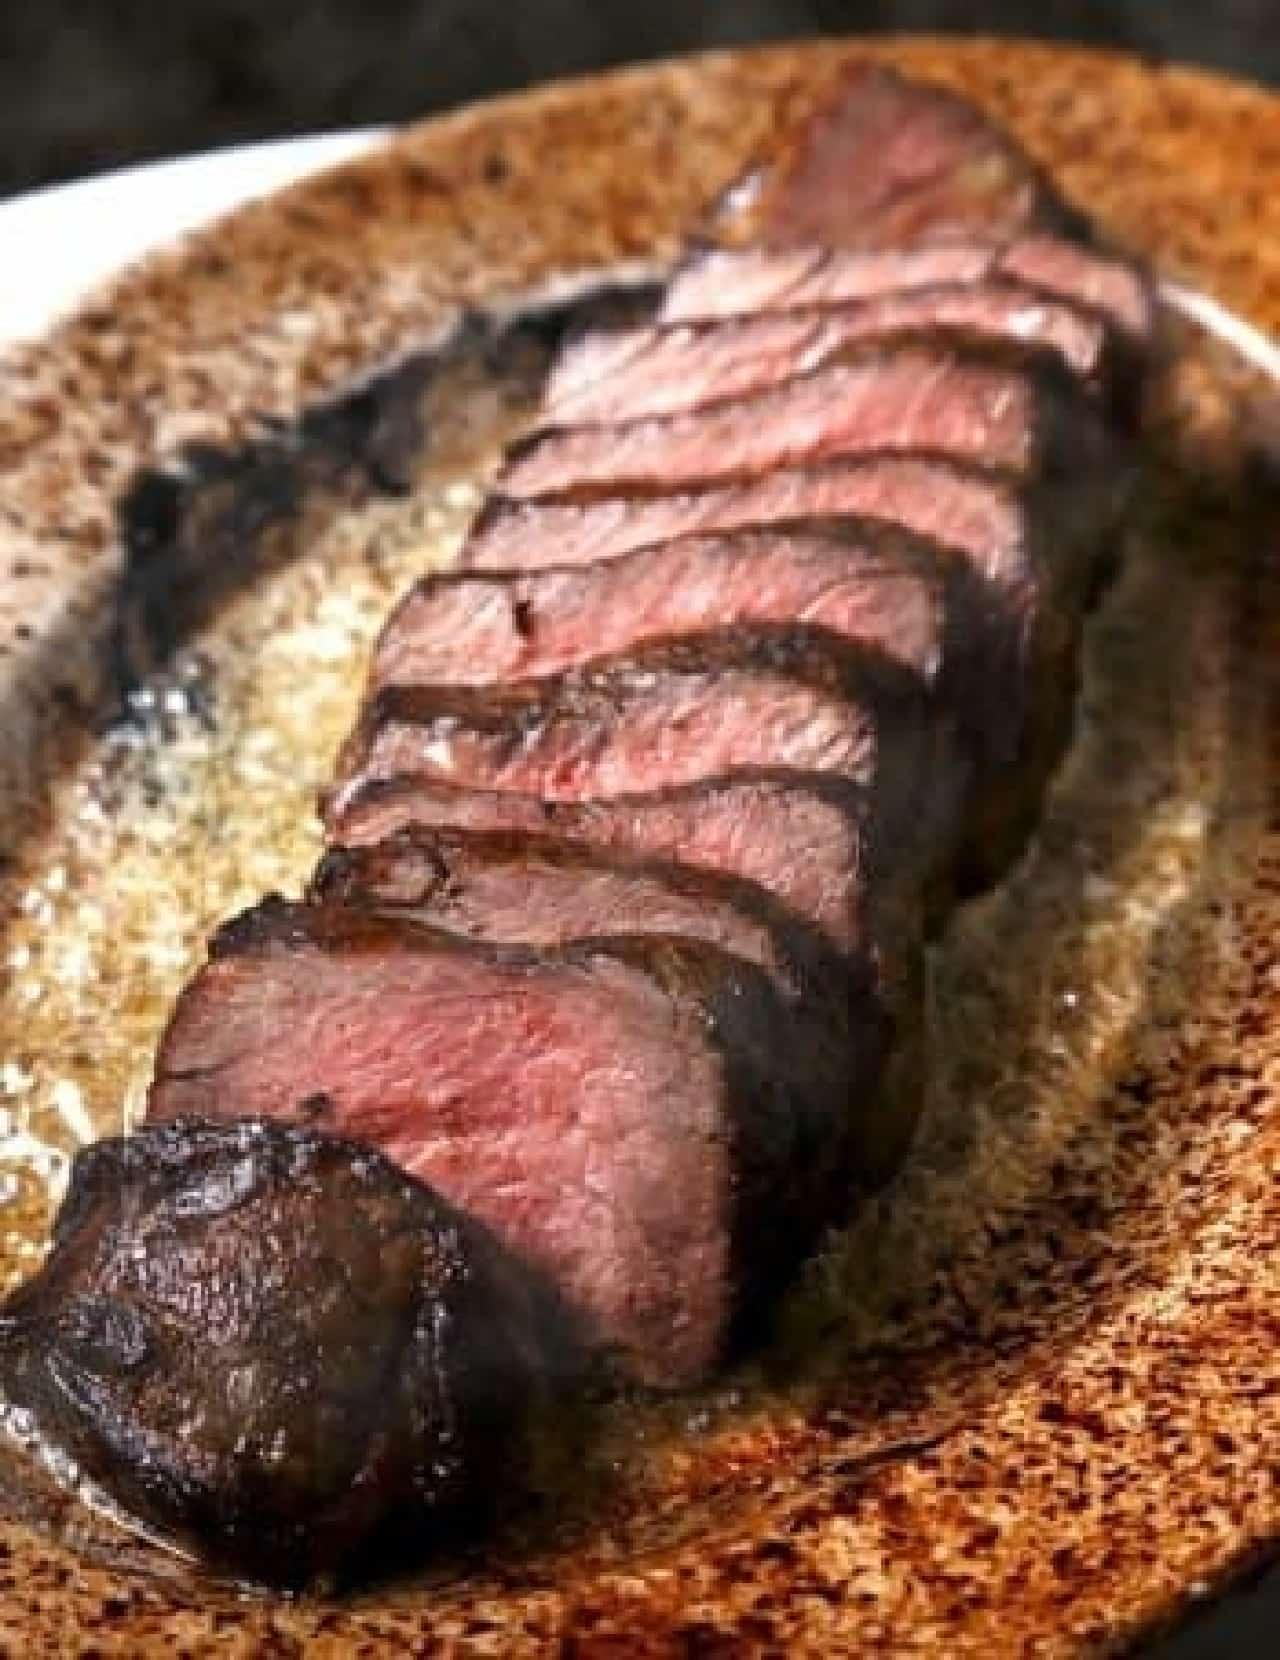 ジューシーな「U.S. 熟成肉のステーキ」